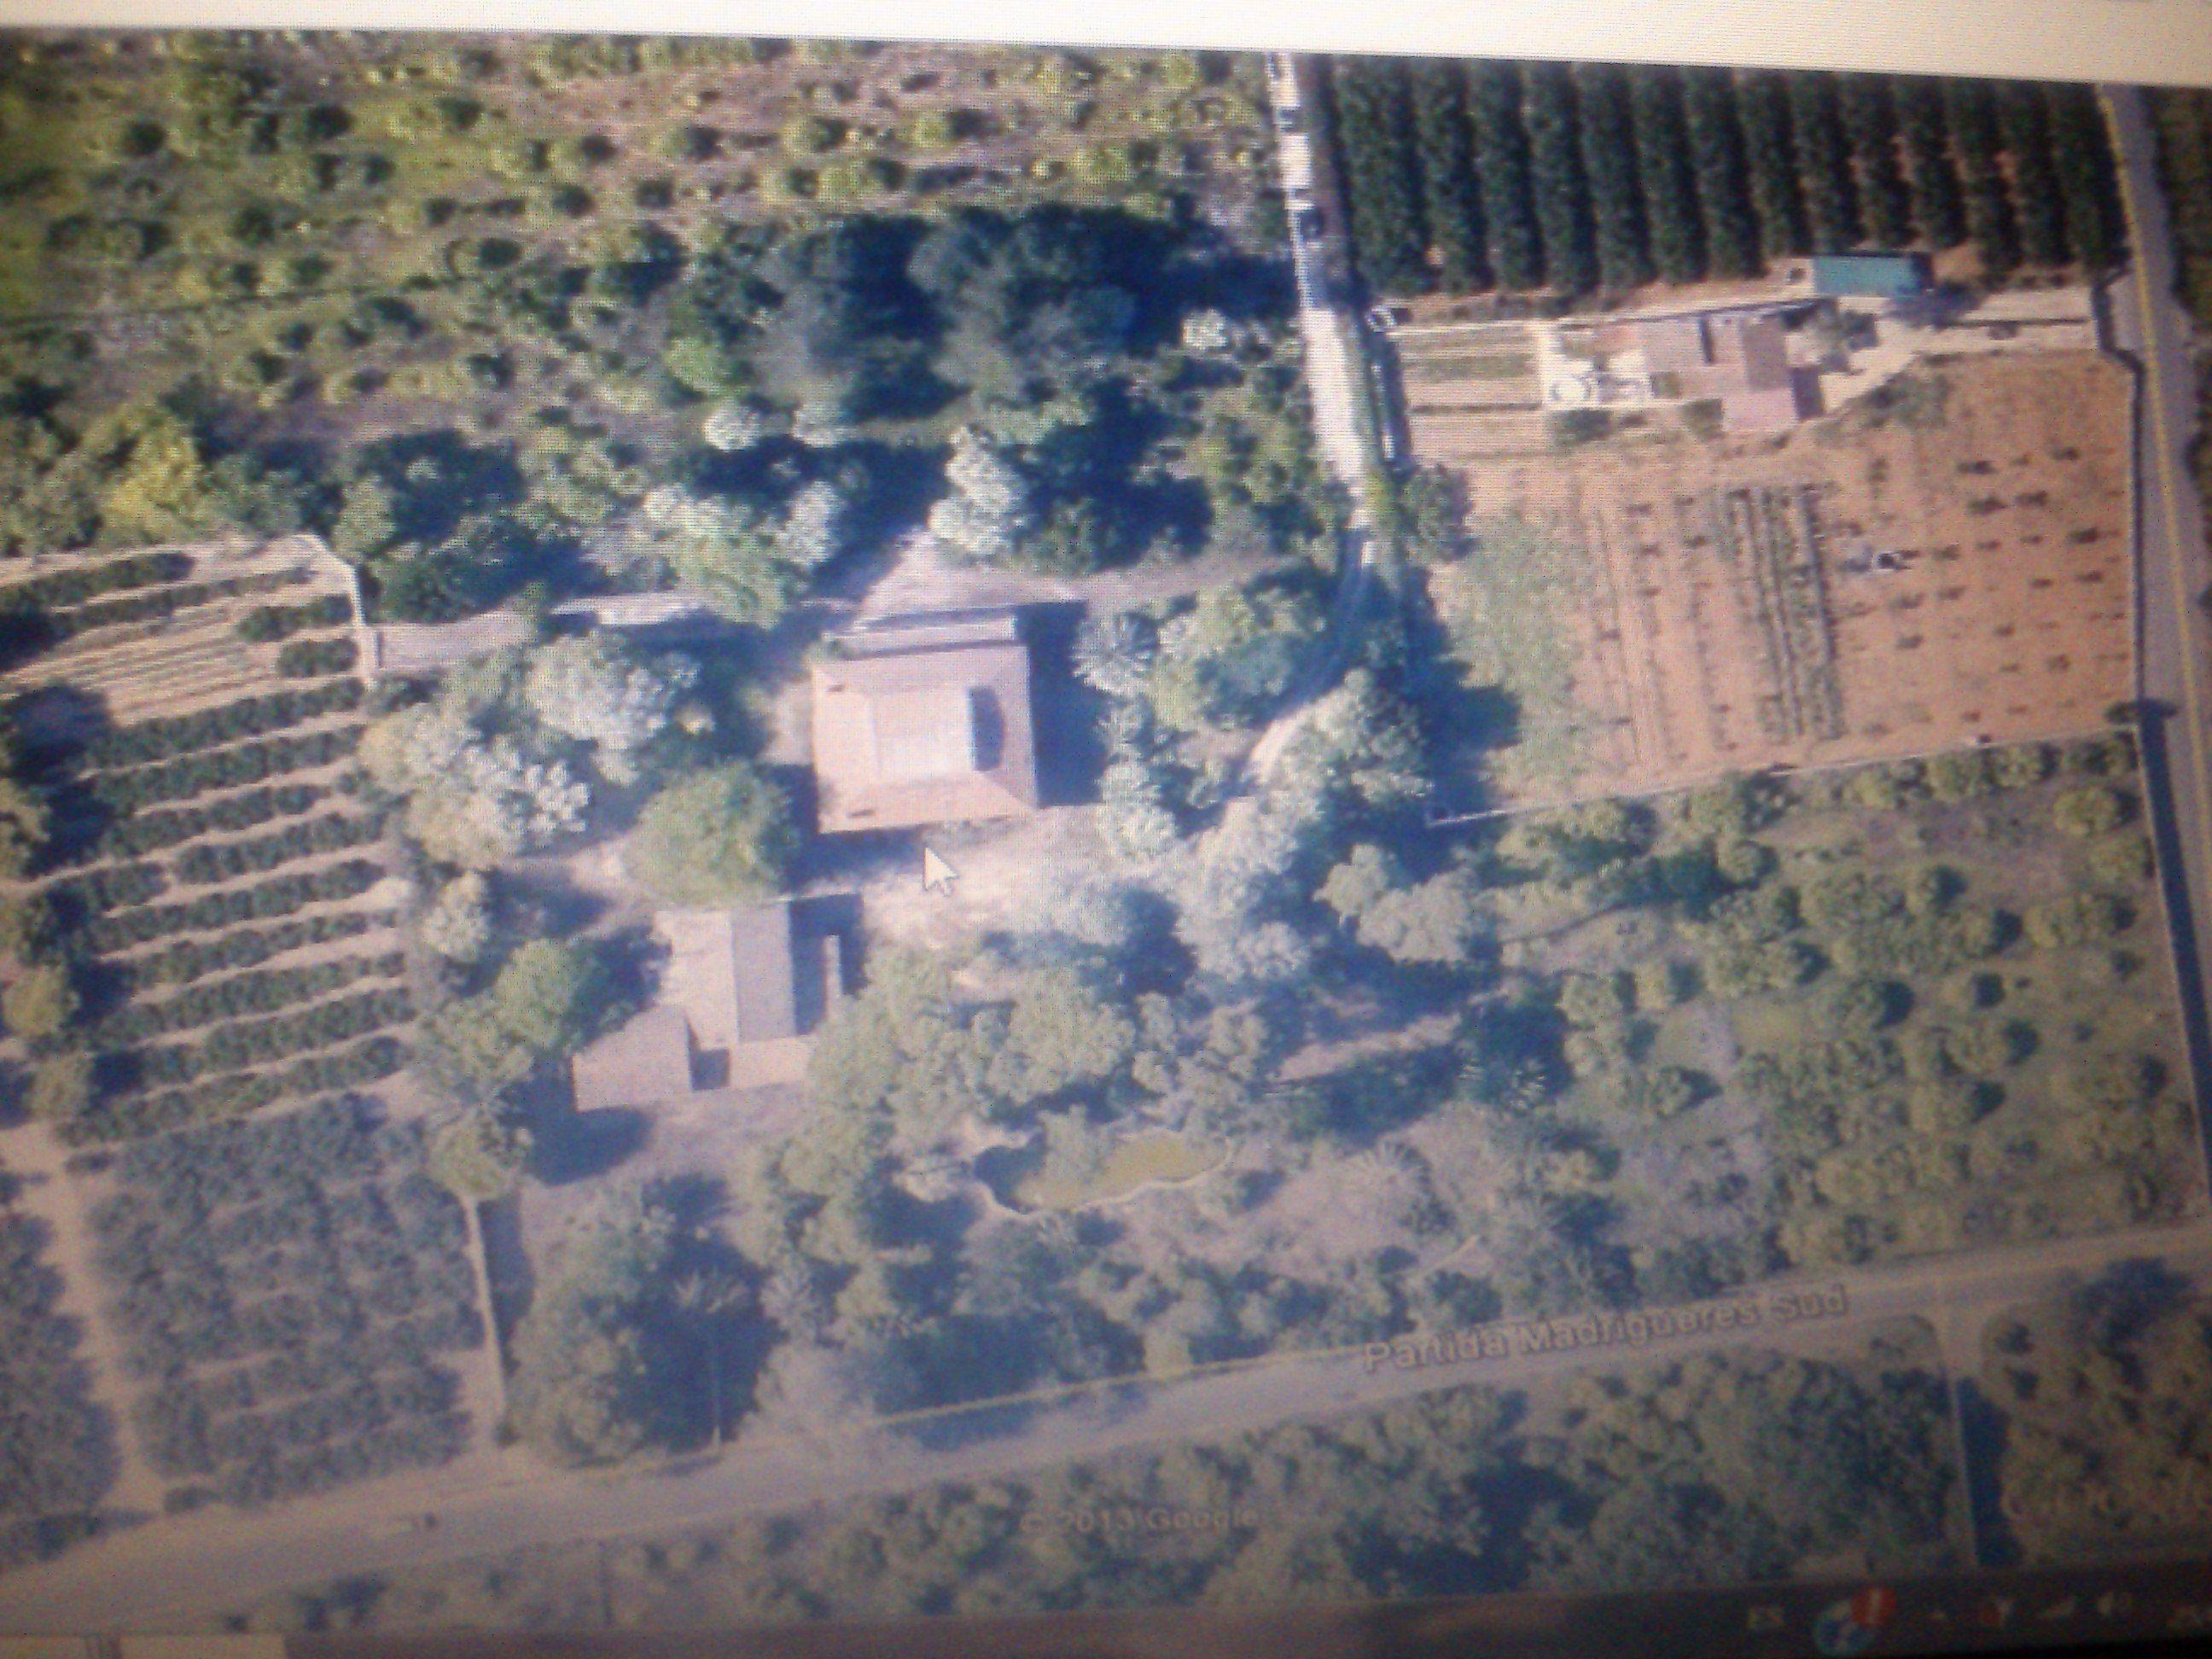 PARTIDA DIURNA/ NOCTURNA SABADO 27 DE ABRIL (Villacandida) Dsc0046cfg